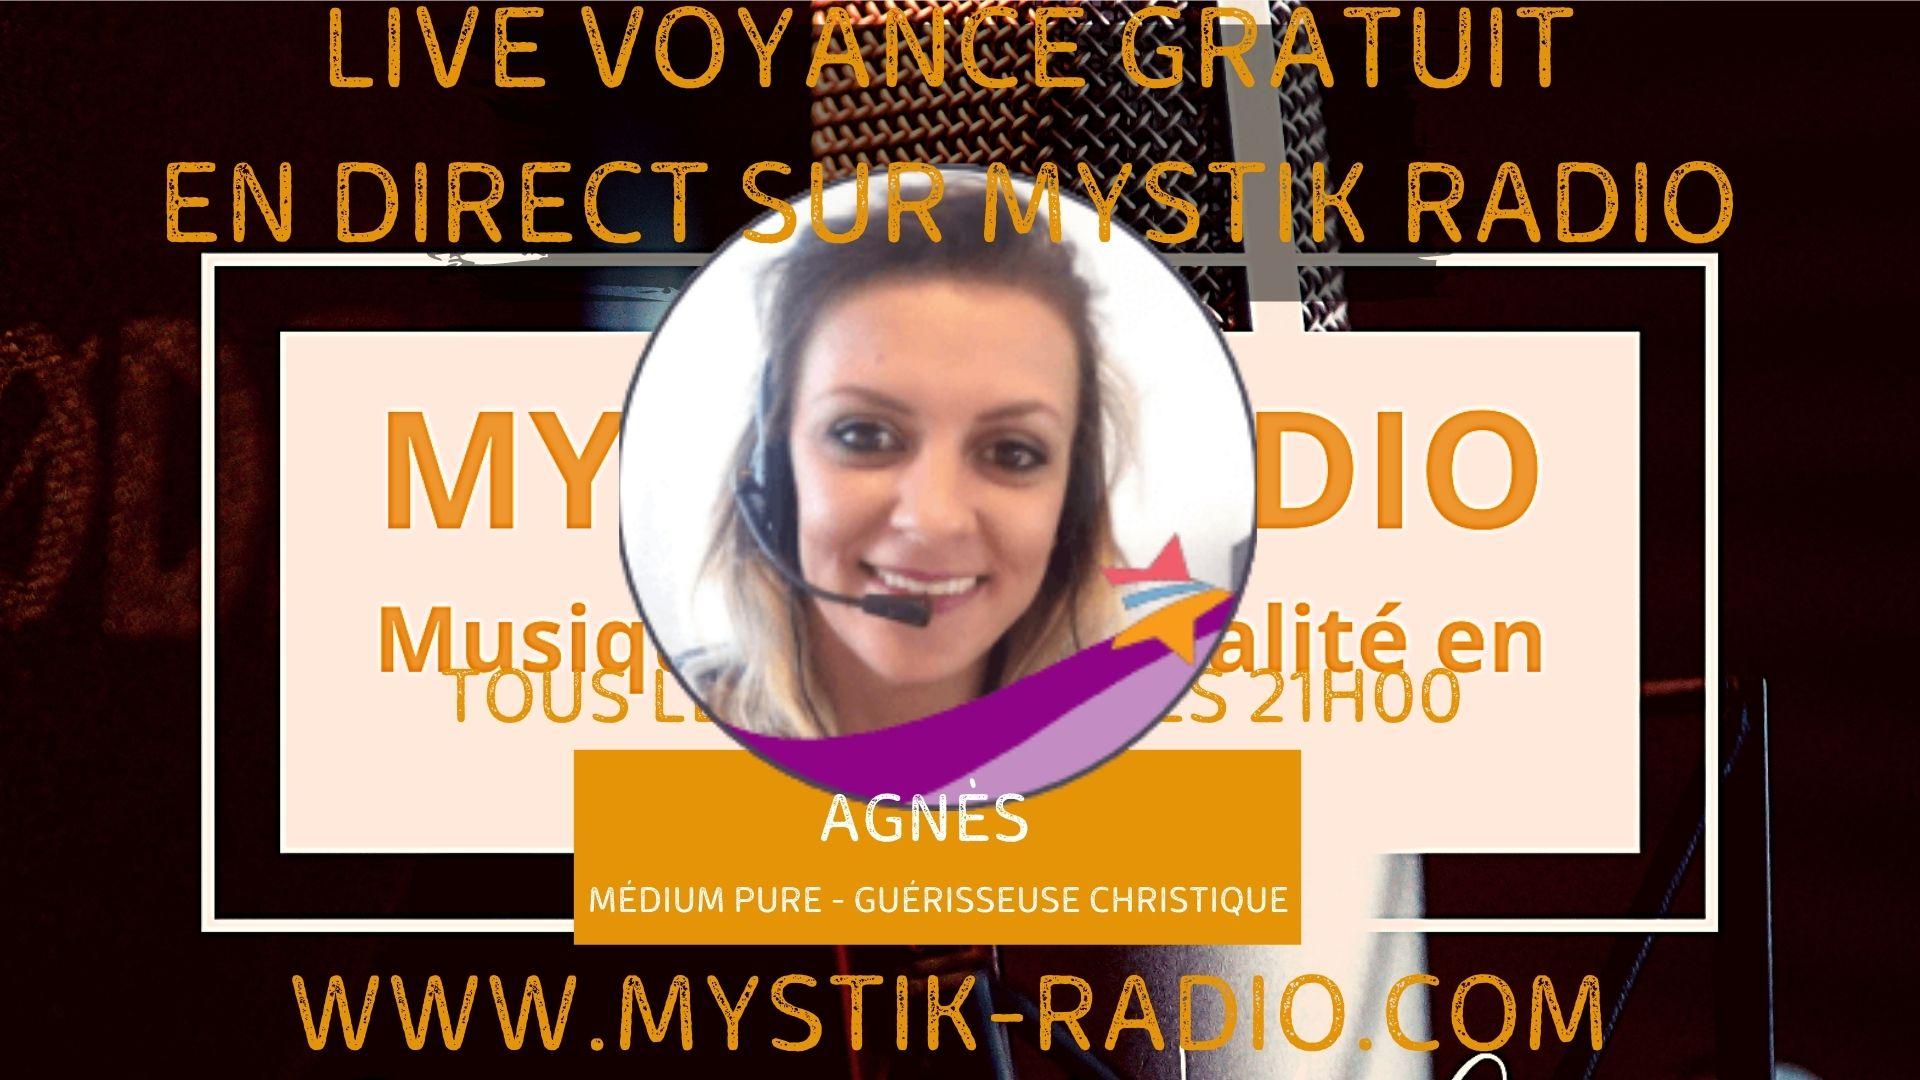 Agnès médium pure et guérisseuse christique en live voyance gratuit / Infinità Corse Voyance